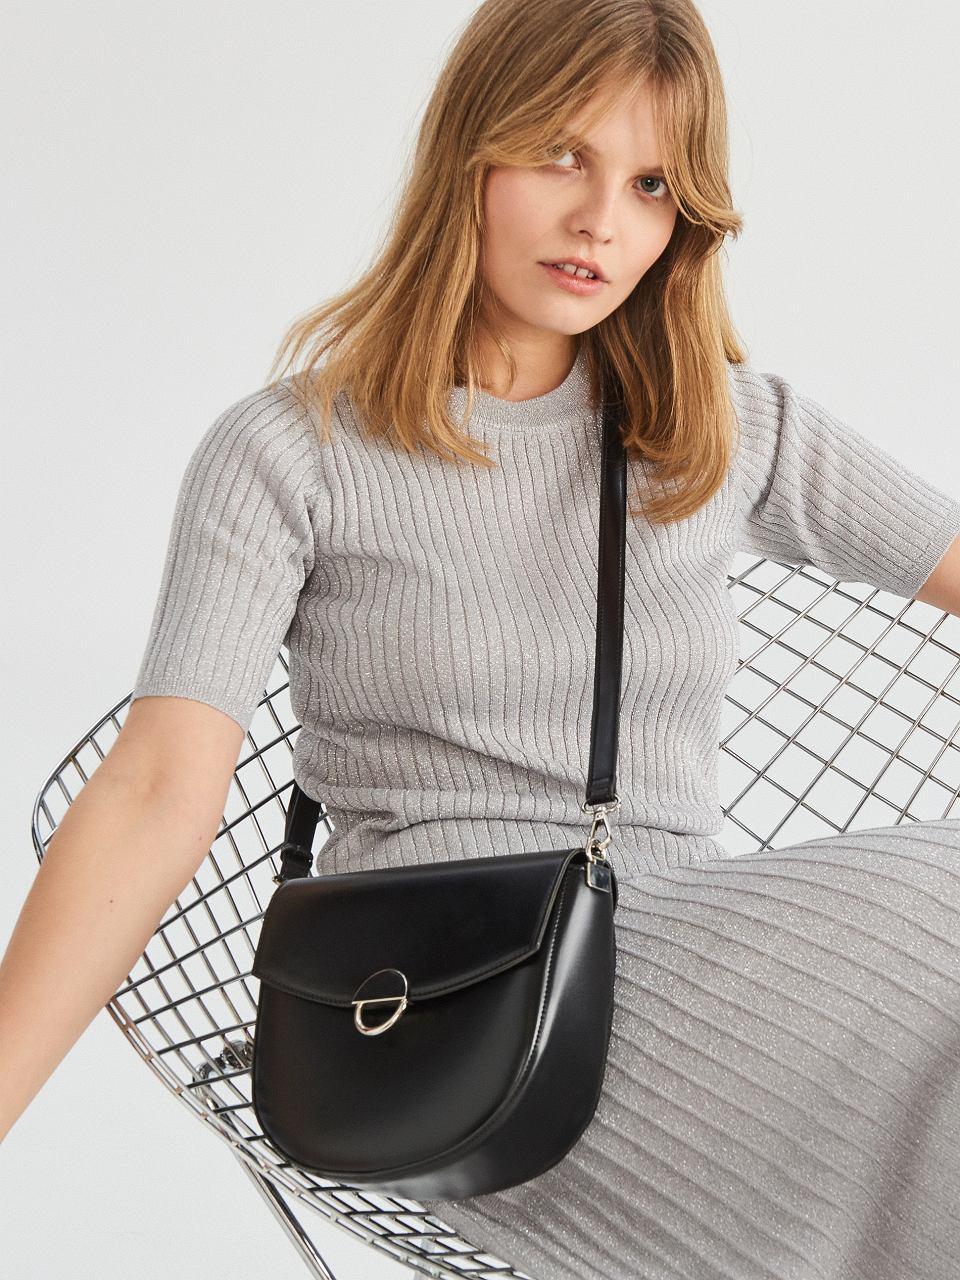 Mała, czarna torebka wizytowa przyda się każdej kobiecie